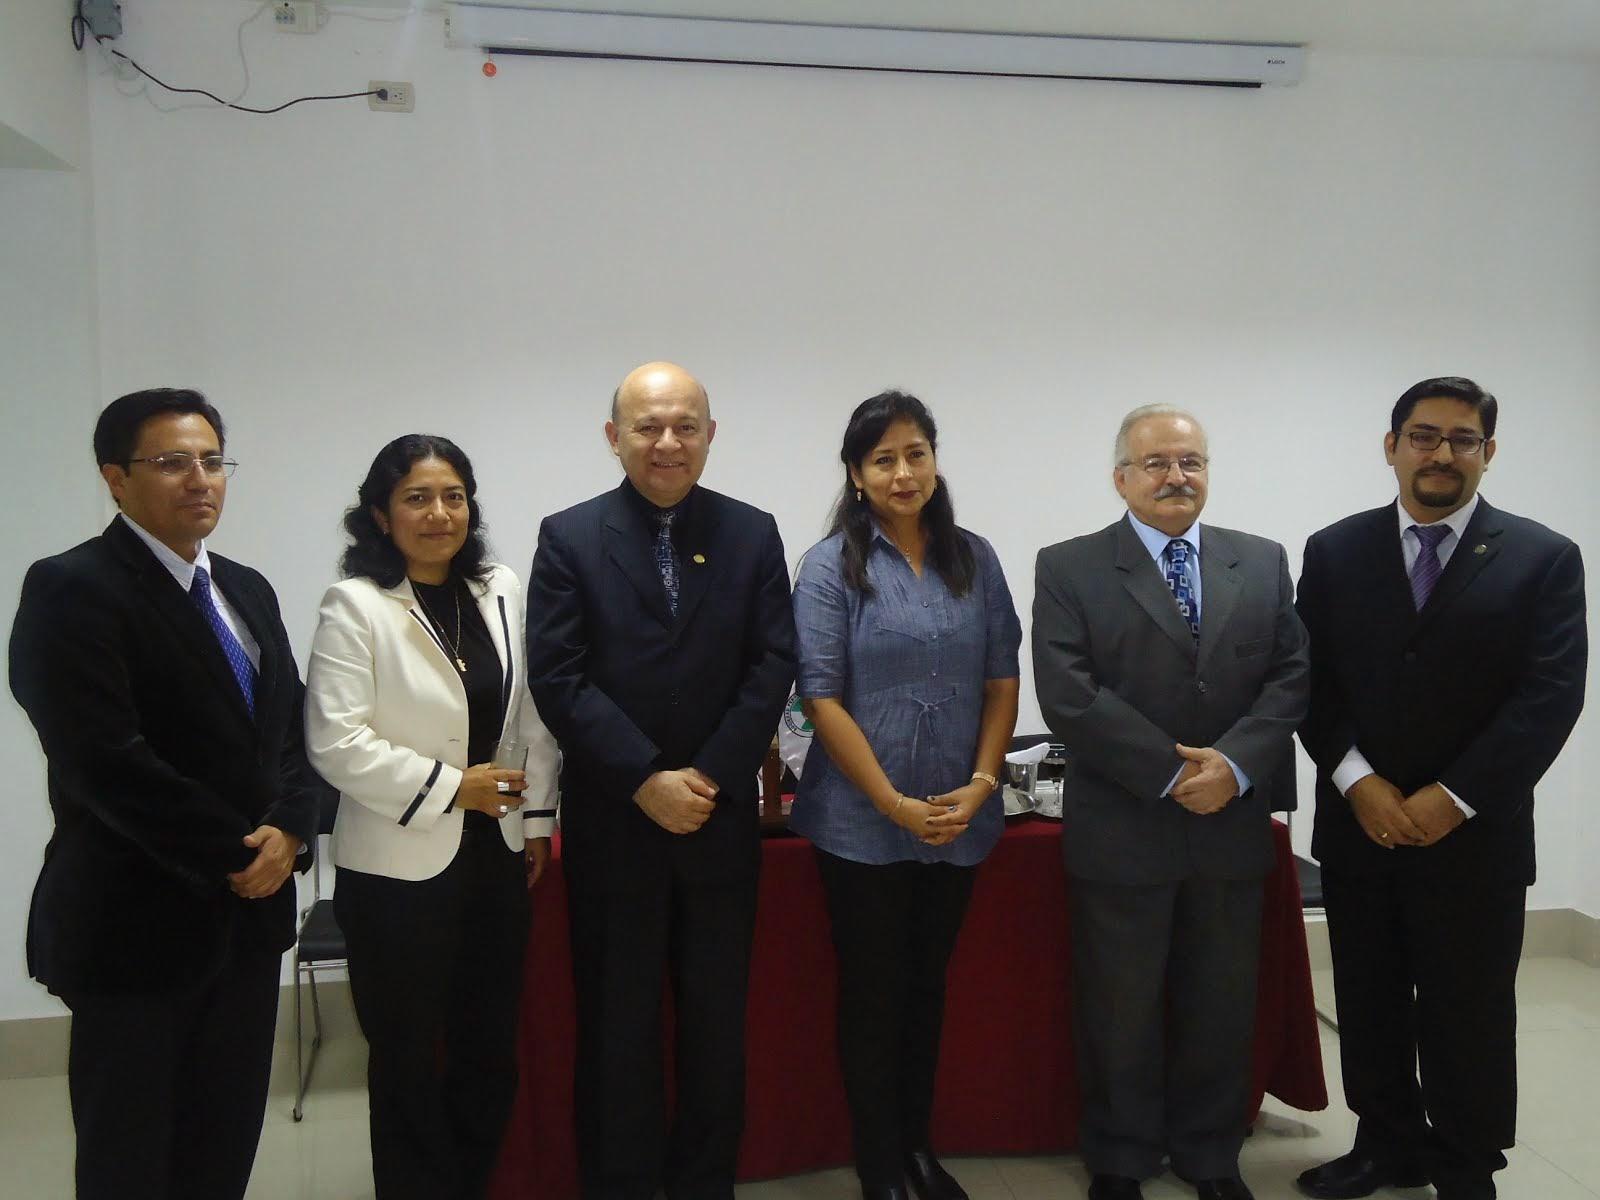 JUNTA DIRECTIVA DE LA SOCIEDAD PERUANA DE RADIOPROTECCION (2013-2015)